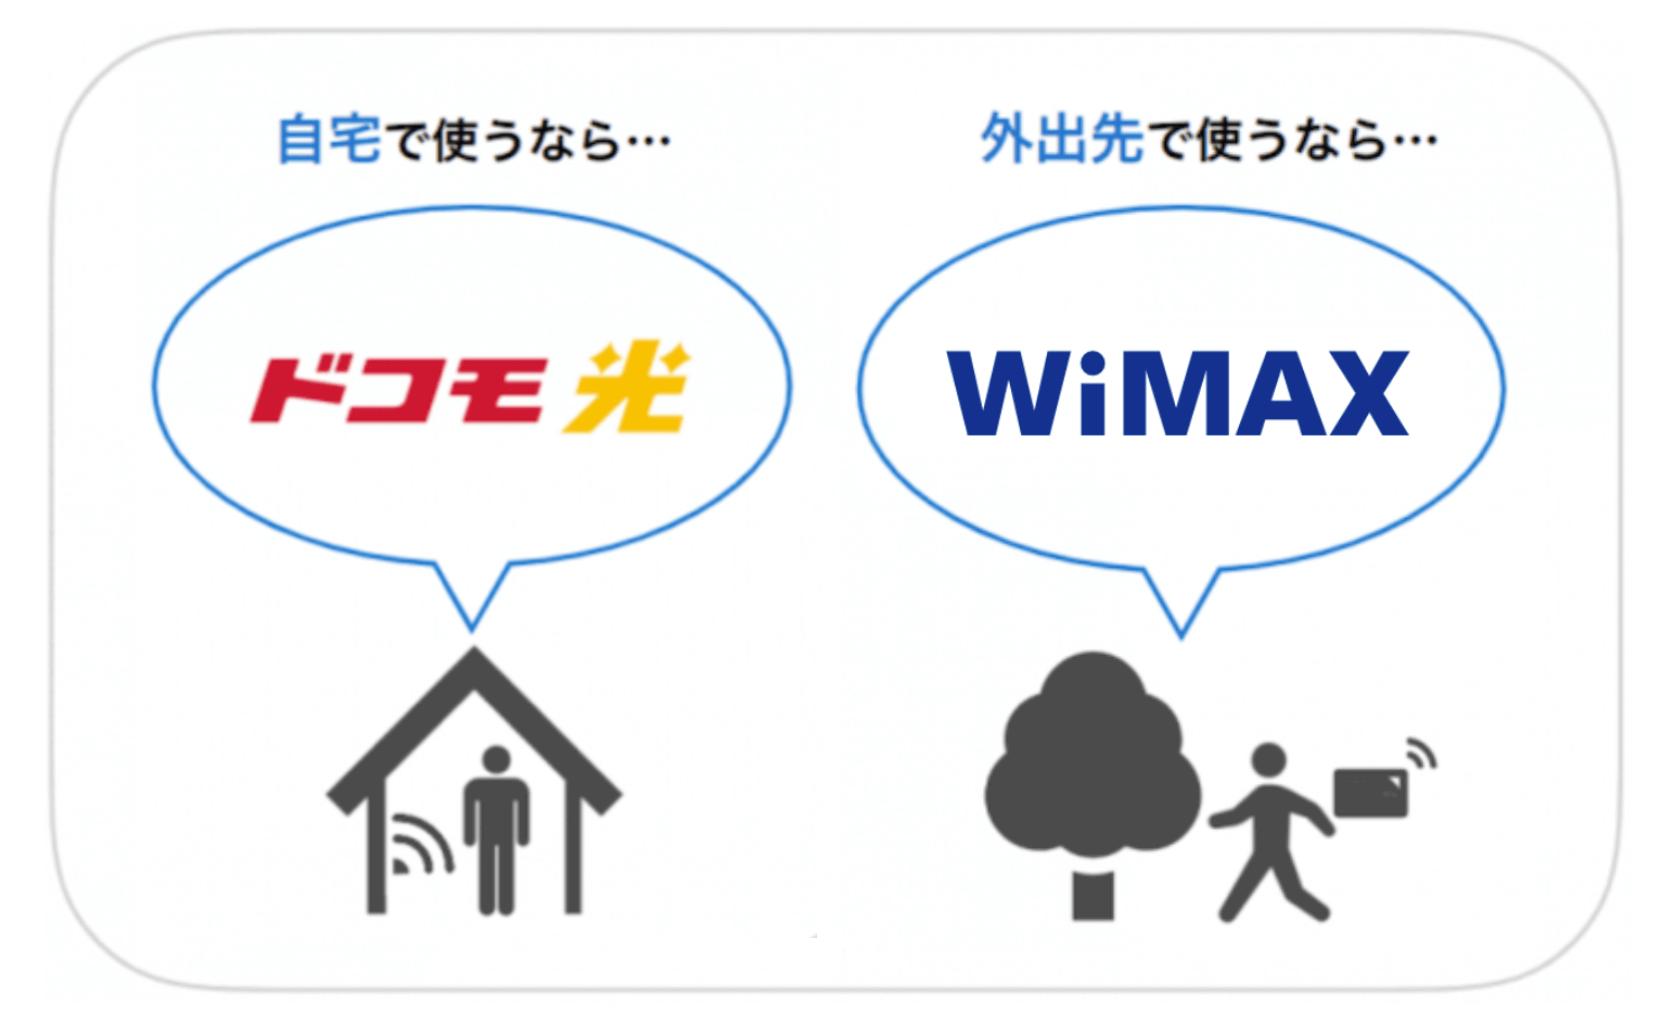 ドコモ WiFi